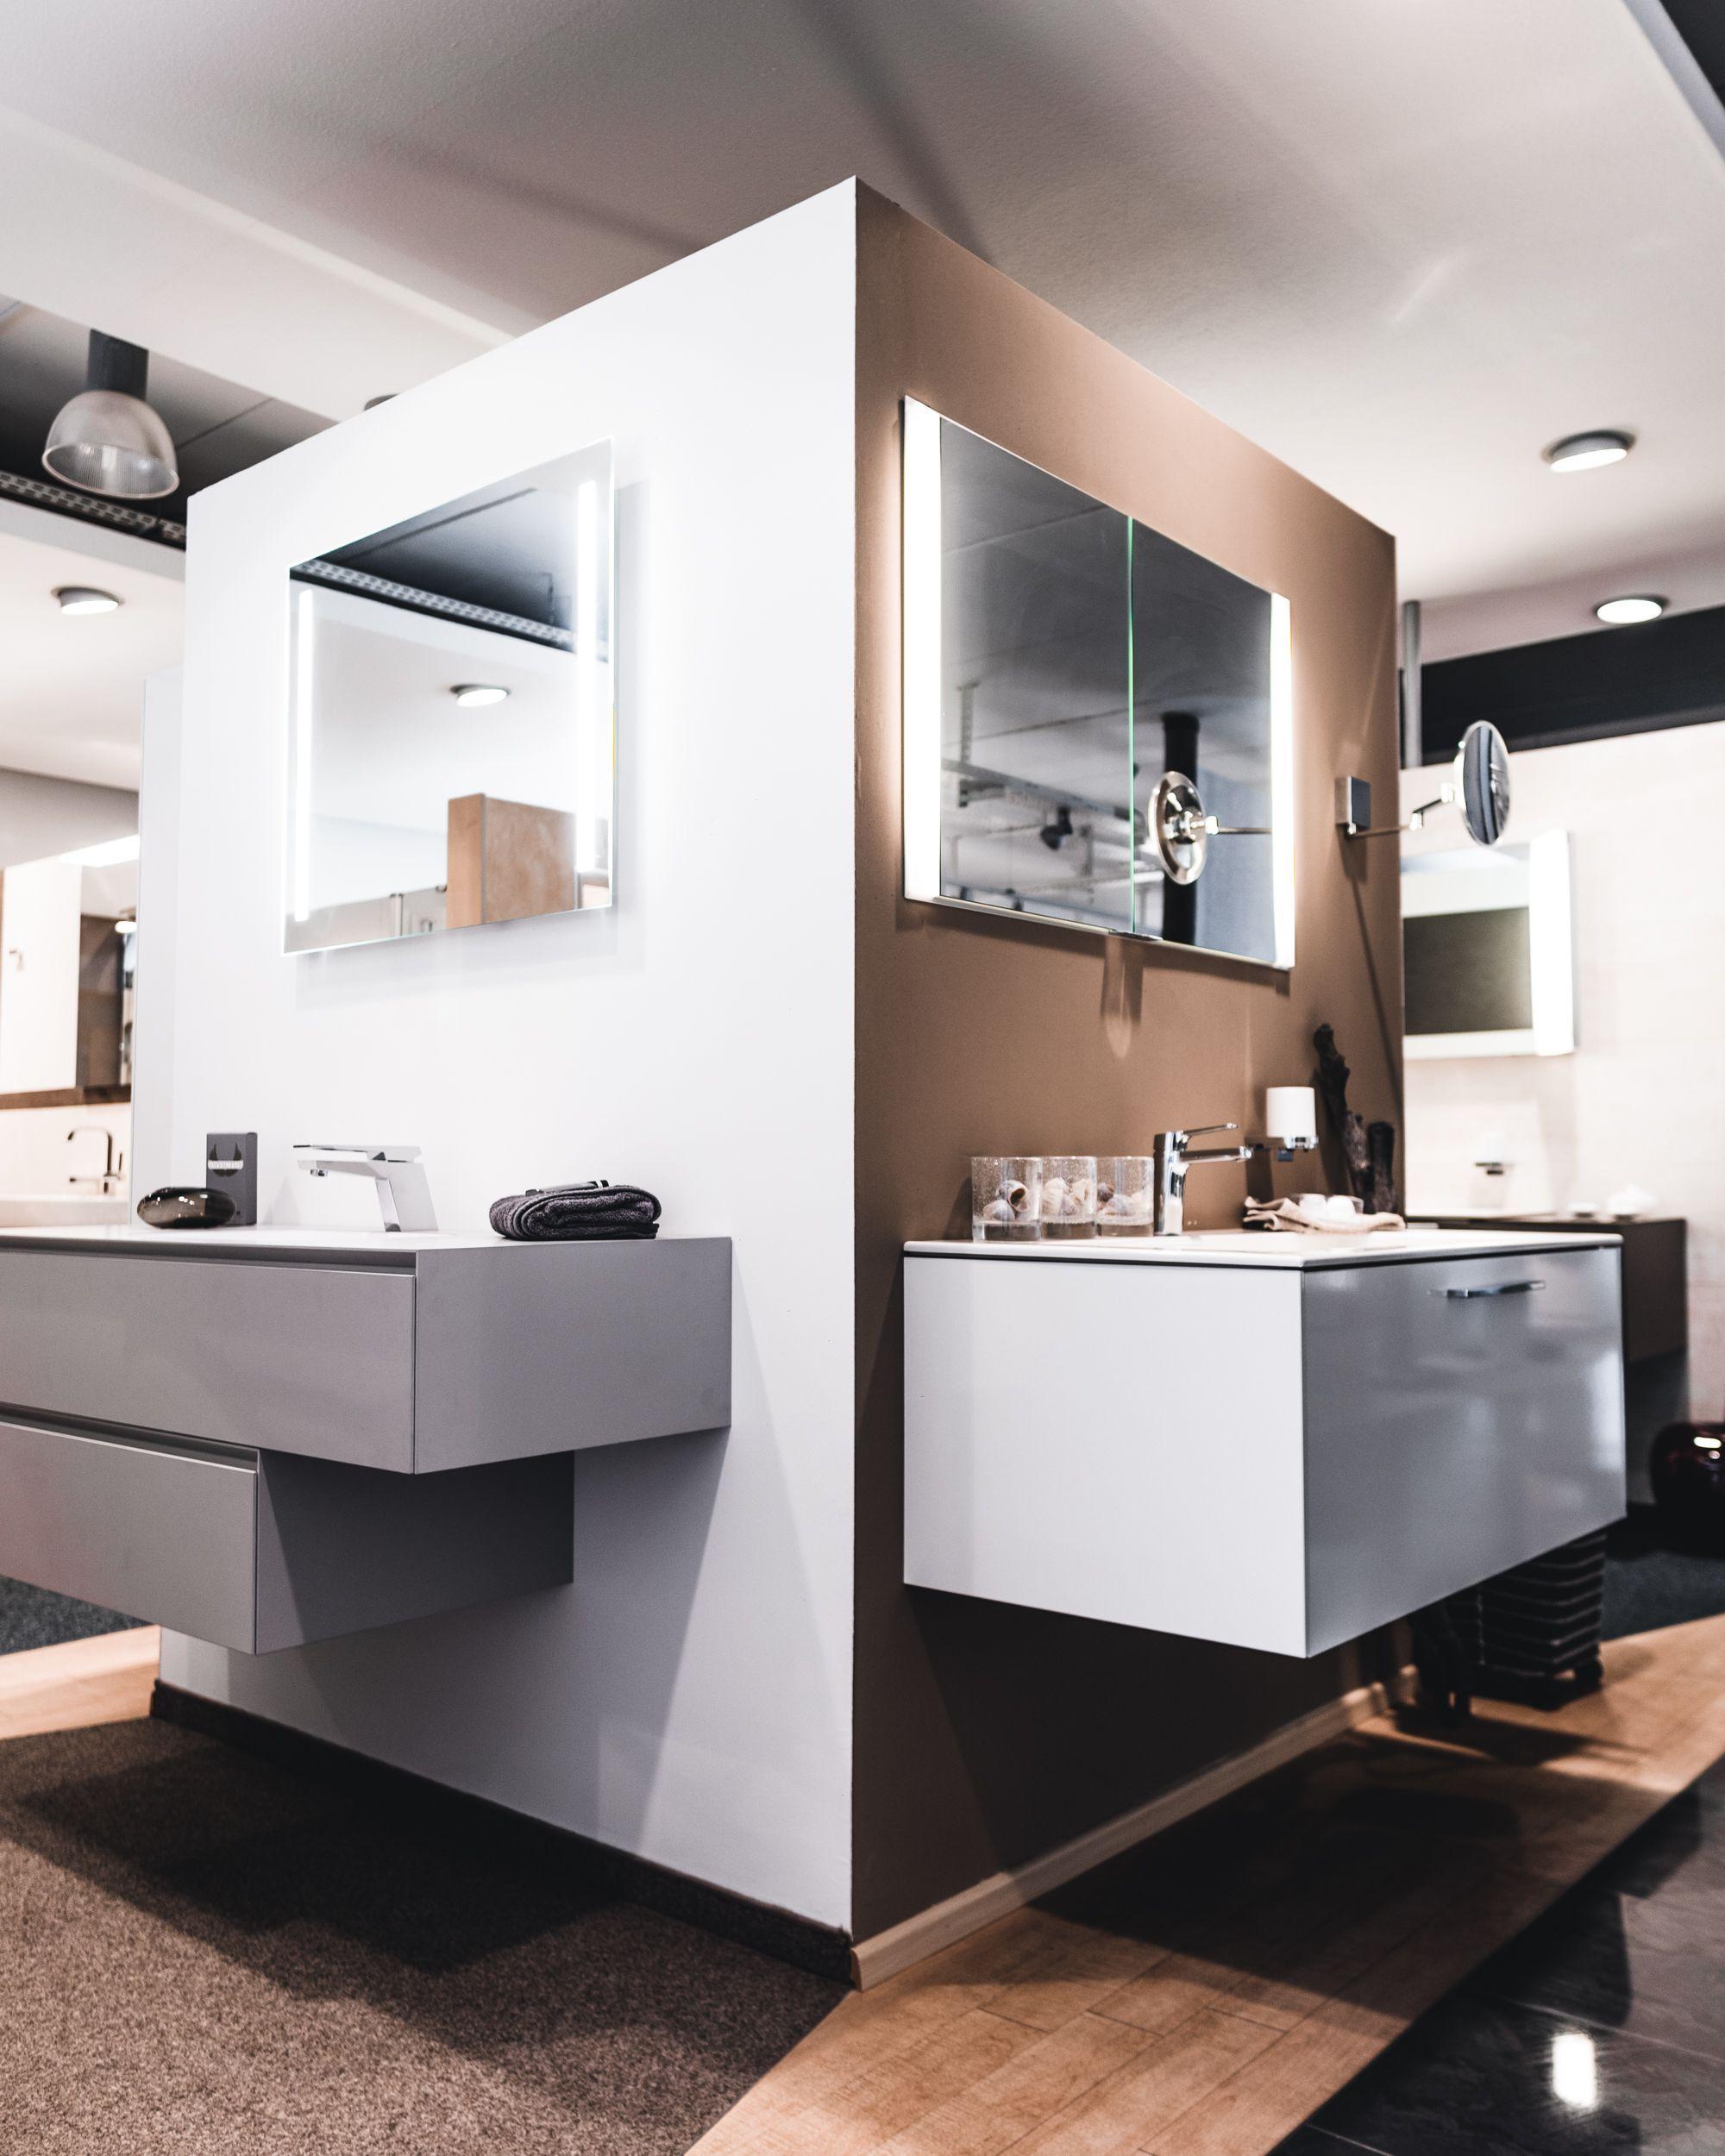 Alles Hat Immer Zwei Seiten In Unserer Ausstellung Findest Du Hinter Jeder Ecke Neue Inspirationen Fur Dein Neues Bad Neues Bad Bad Inspiration